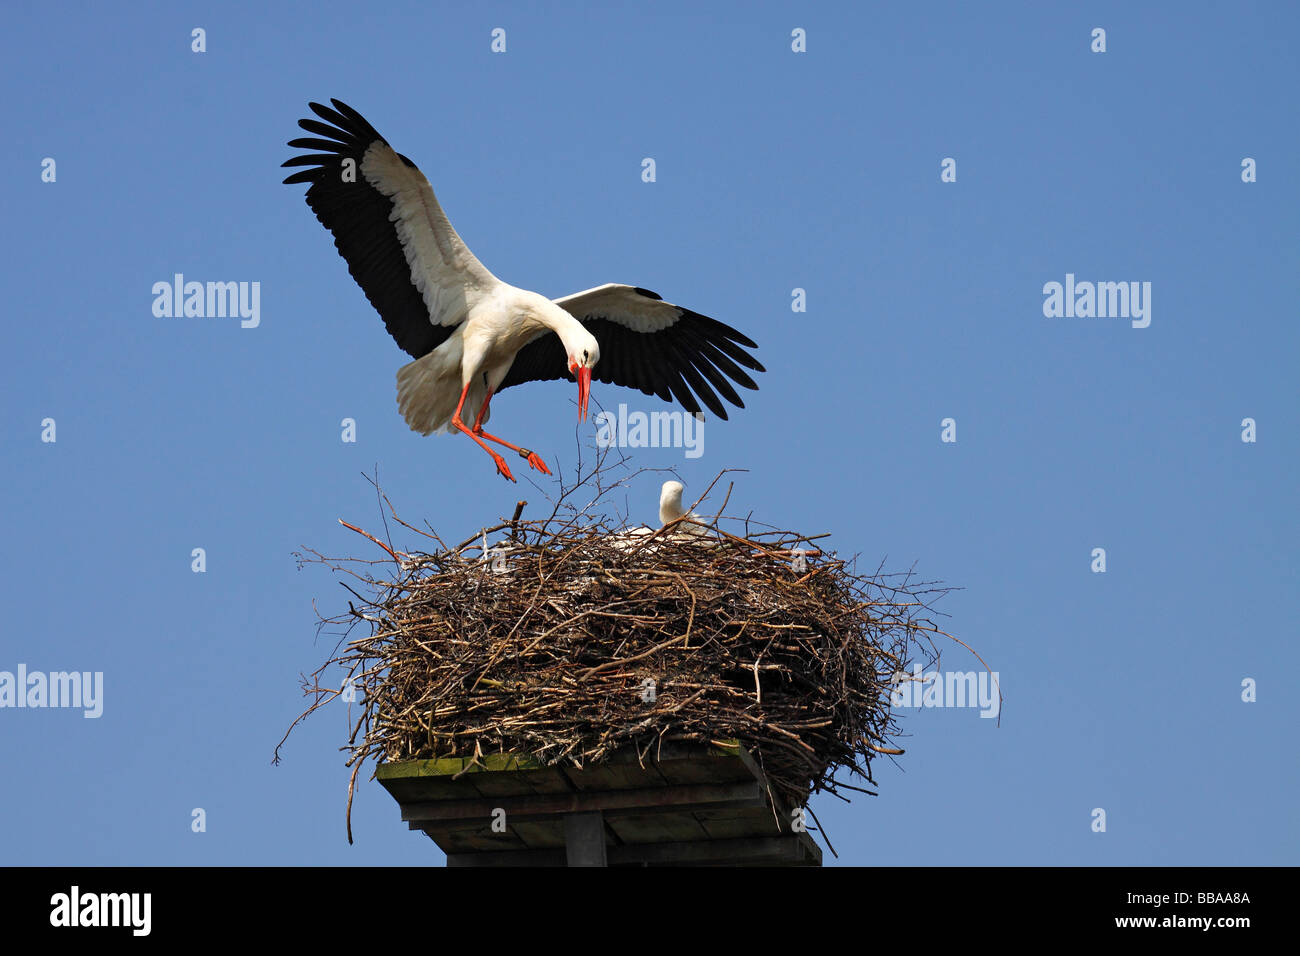 Weißstorch (Ciconia Ciconia) fliegen, Nest, Nestbau und Zucht Weißstörche, Storchendorf Bergenhusen, Stockbild